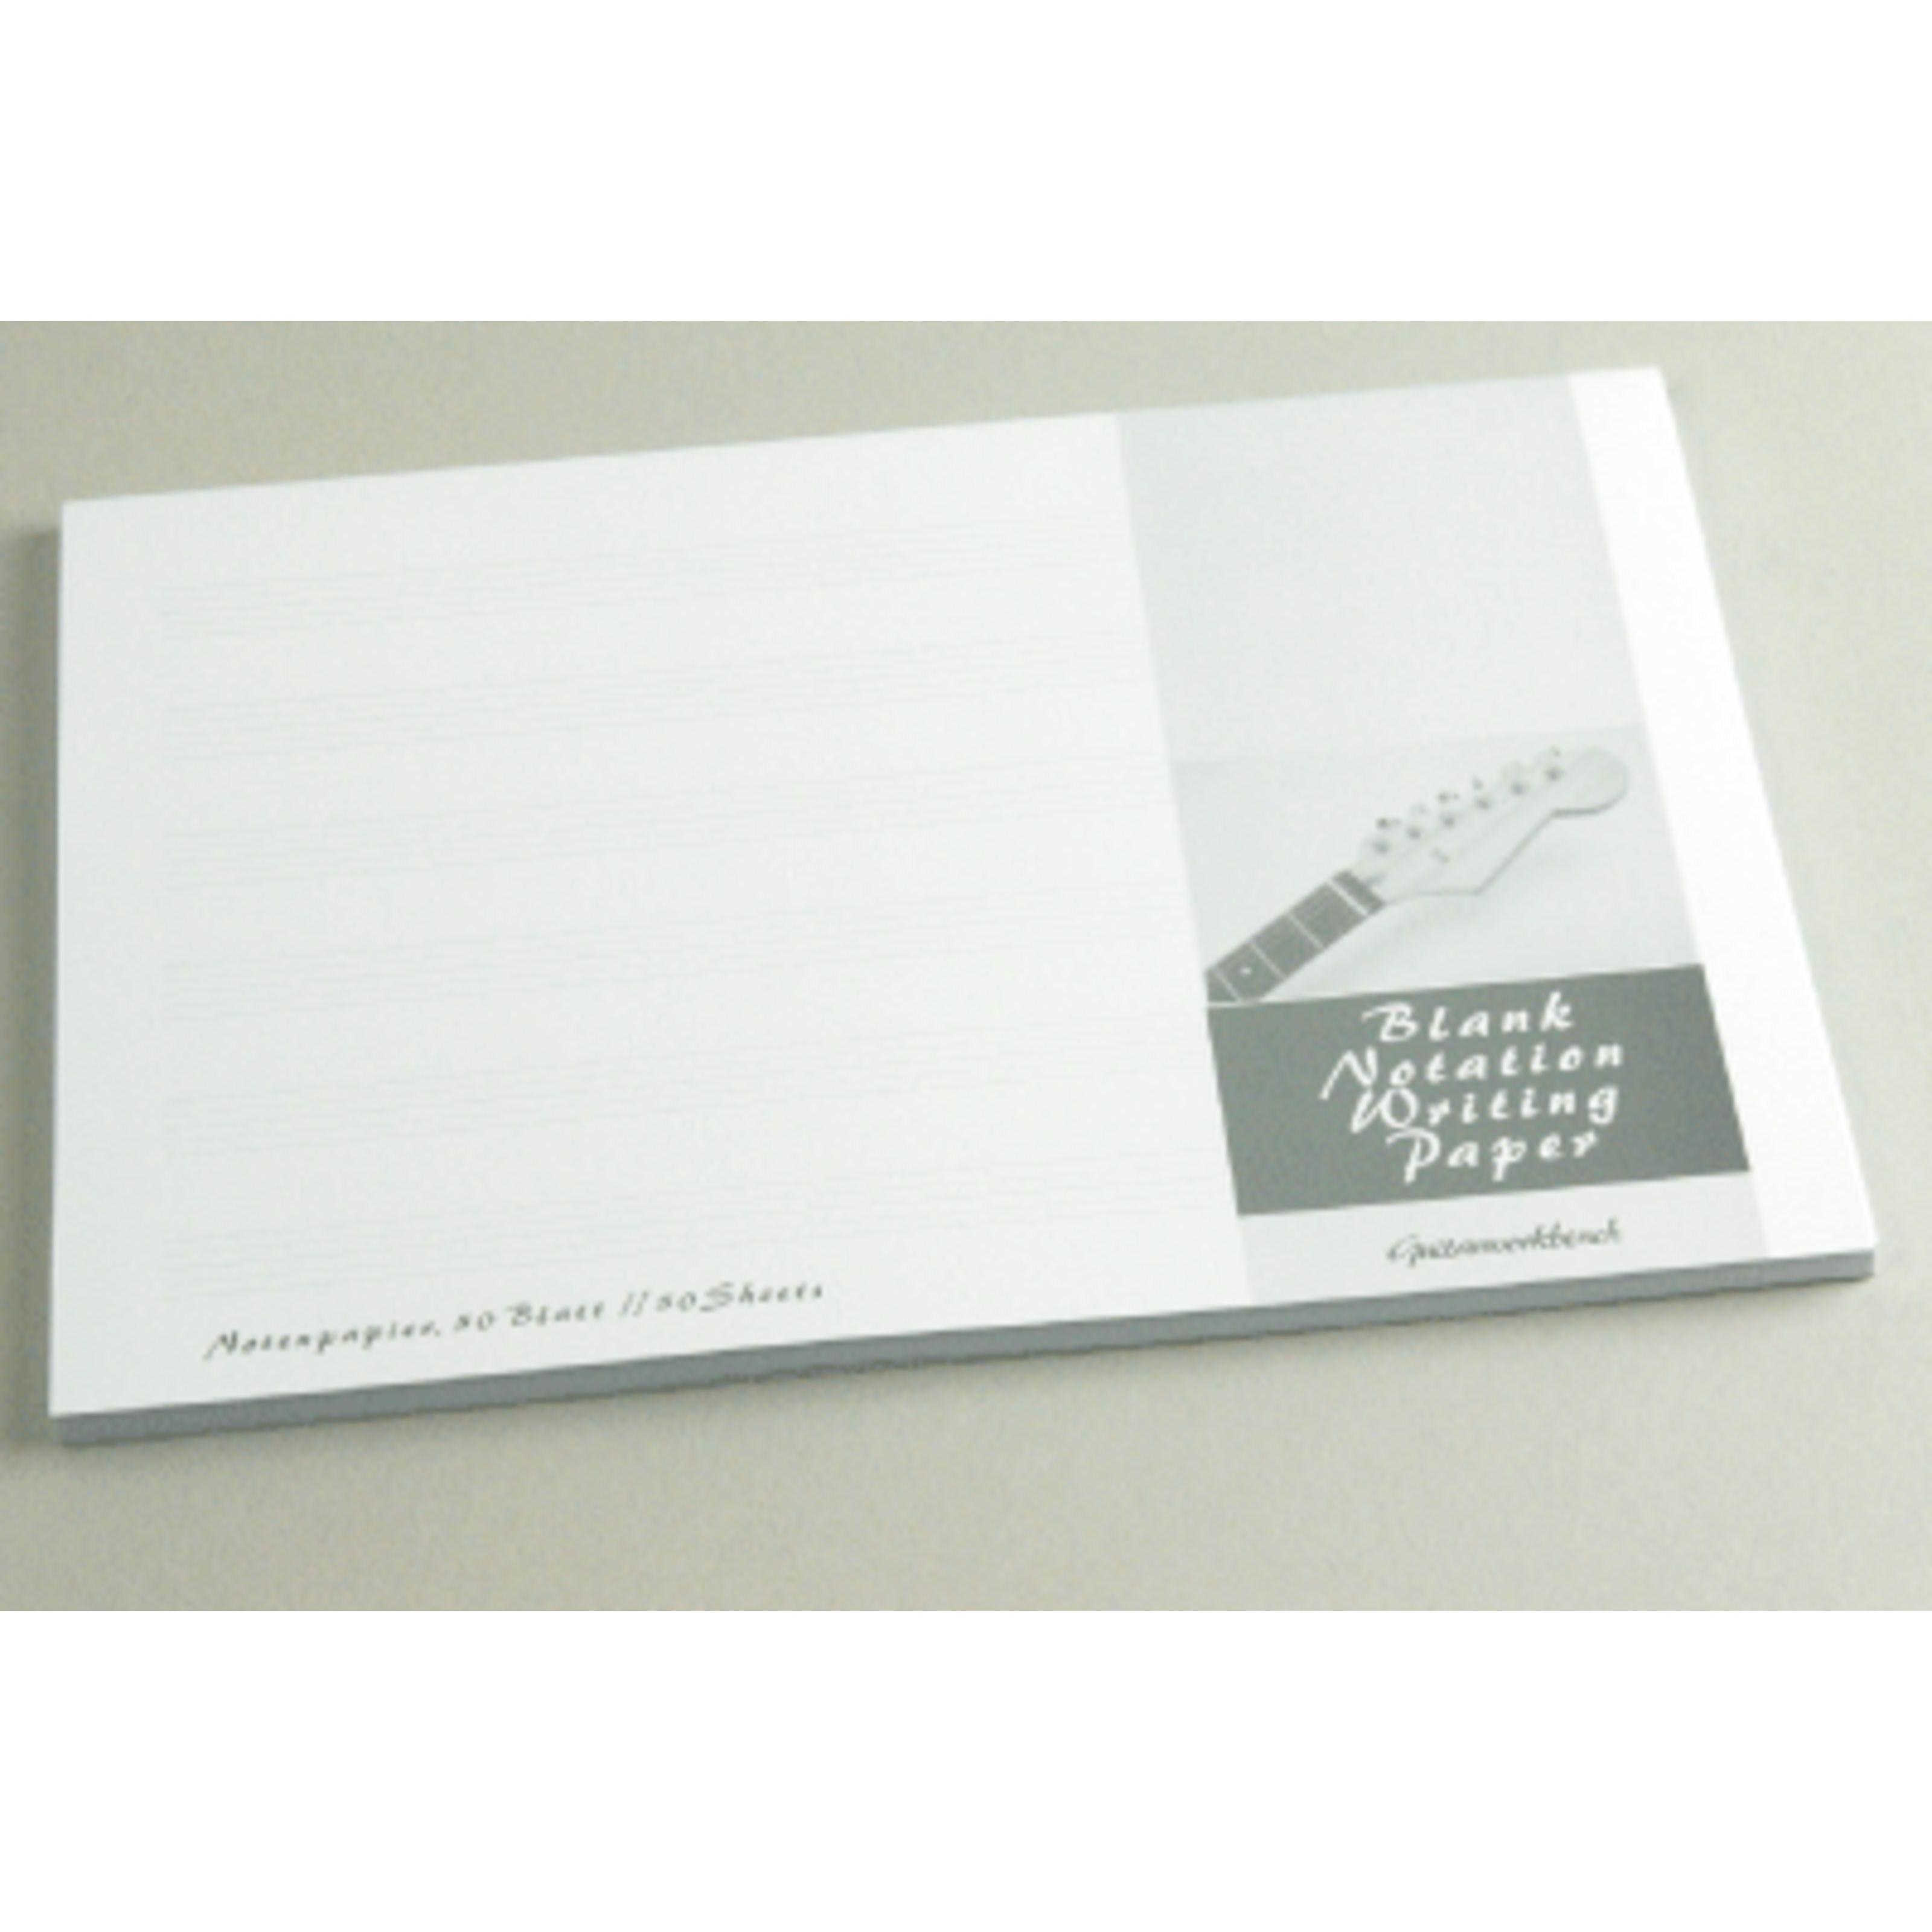 Guitarworkbench - Notenpapier-Block DIN A5 quer MB-04